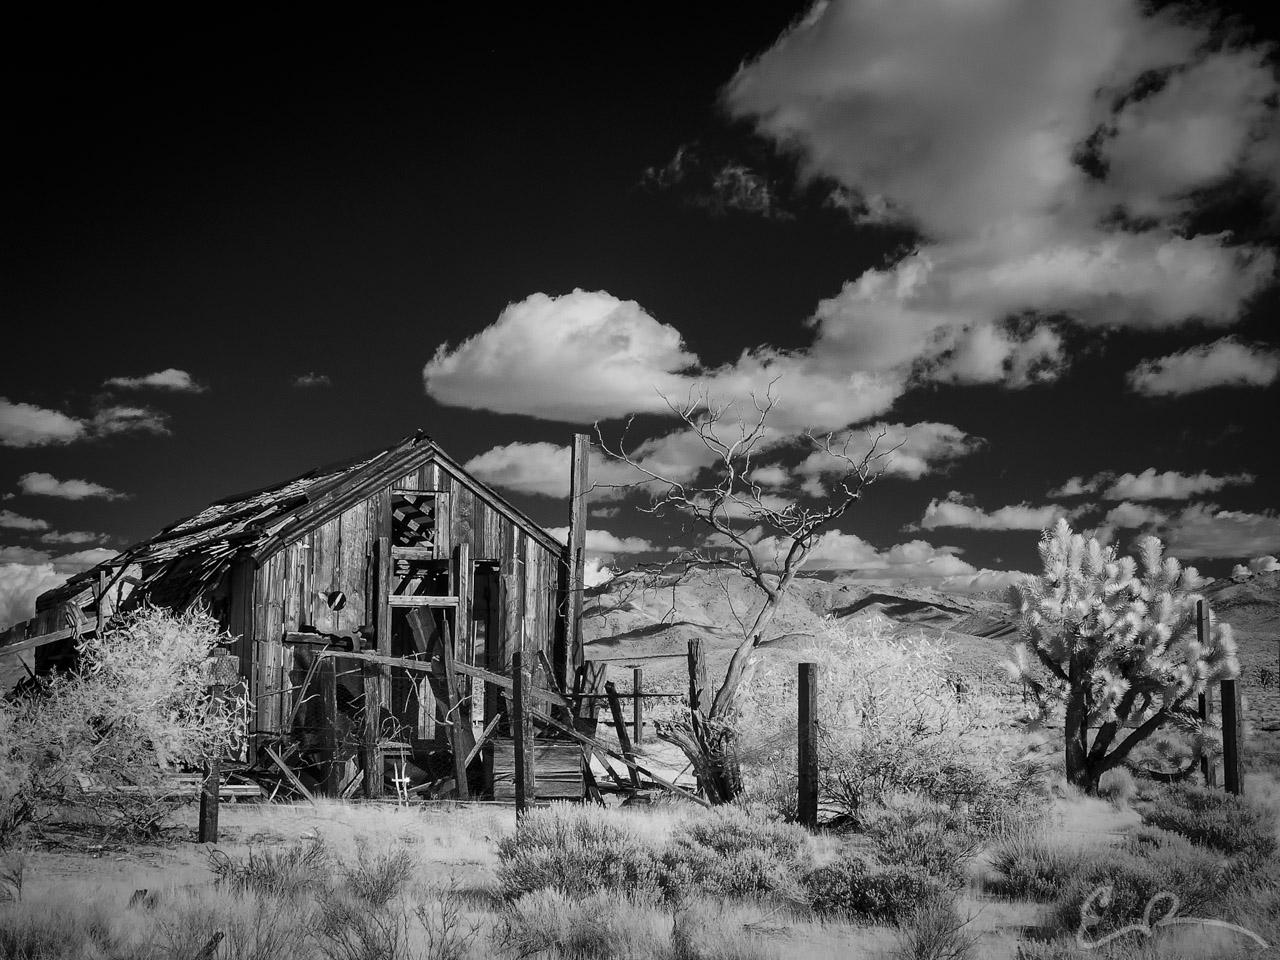 Little House in the Desert in Infrared